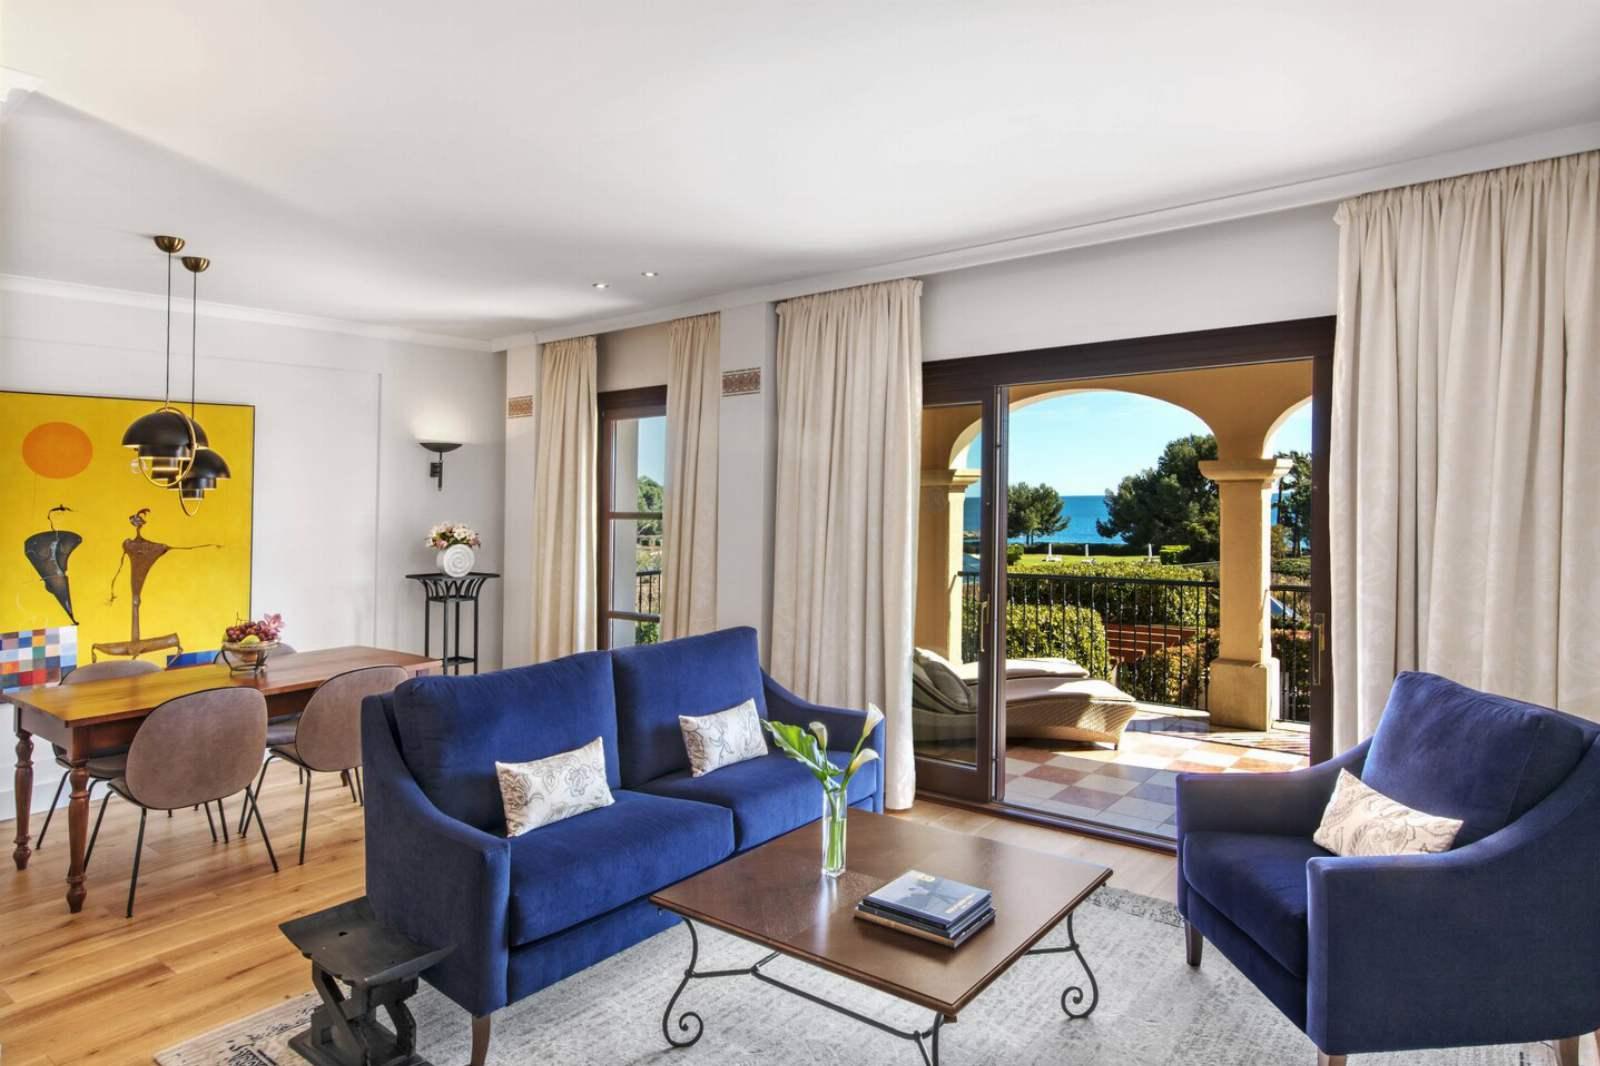 St. Regis Mardavall Resort - Ocean One Suite